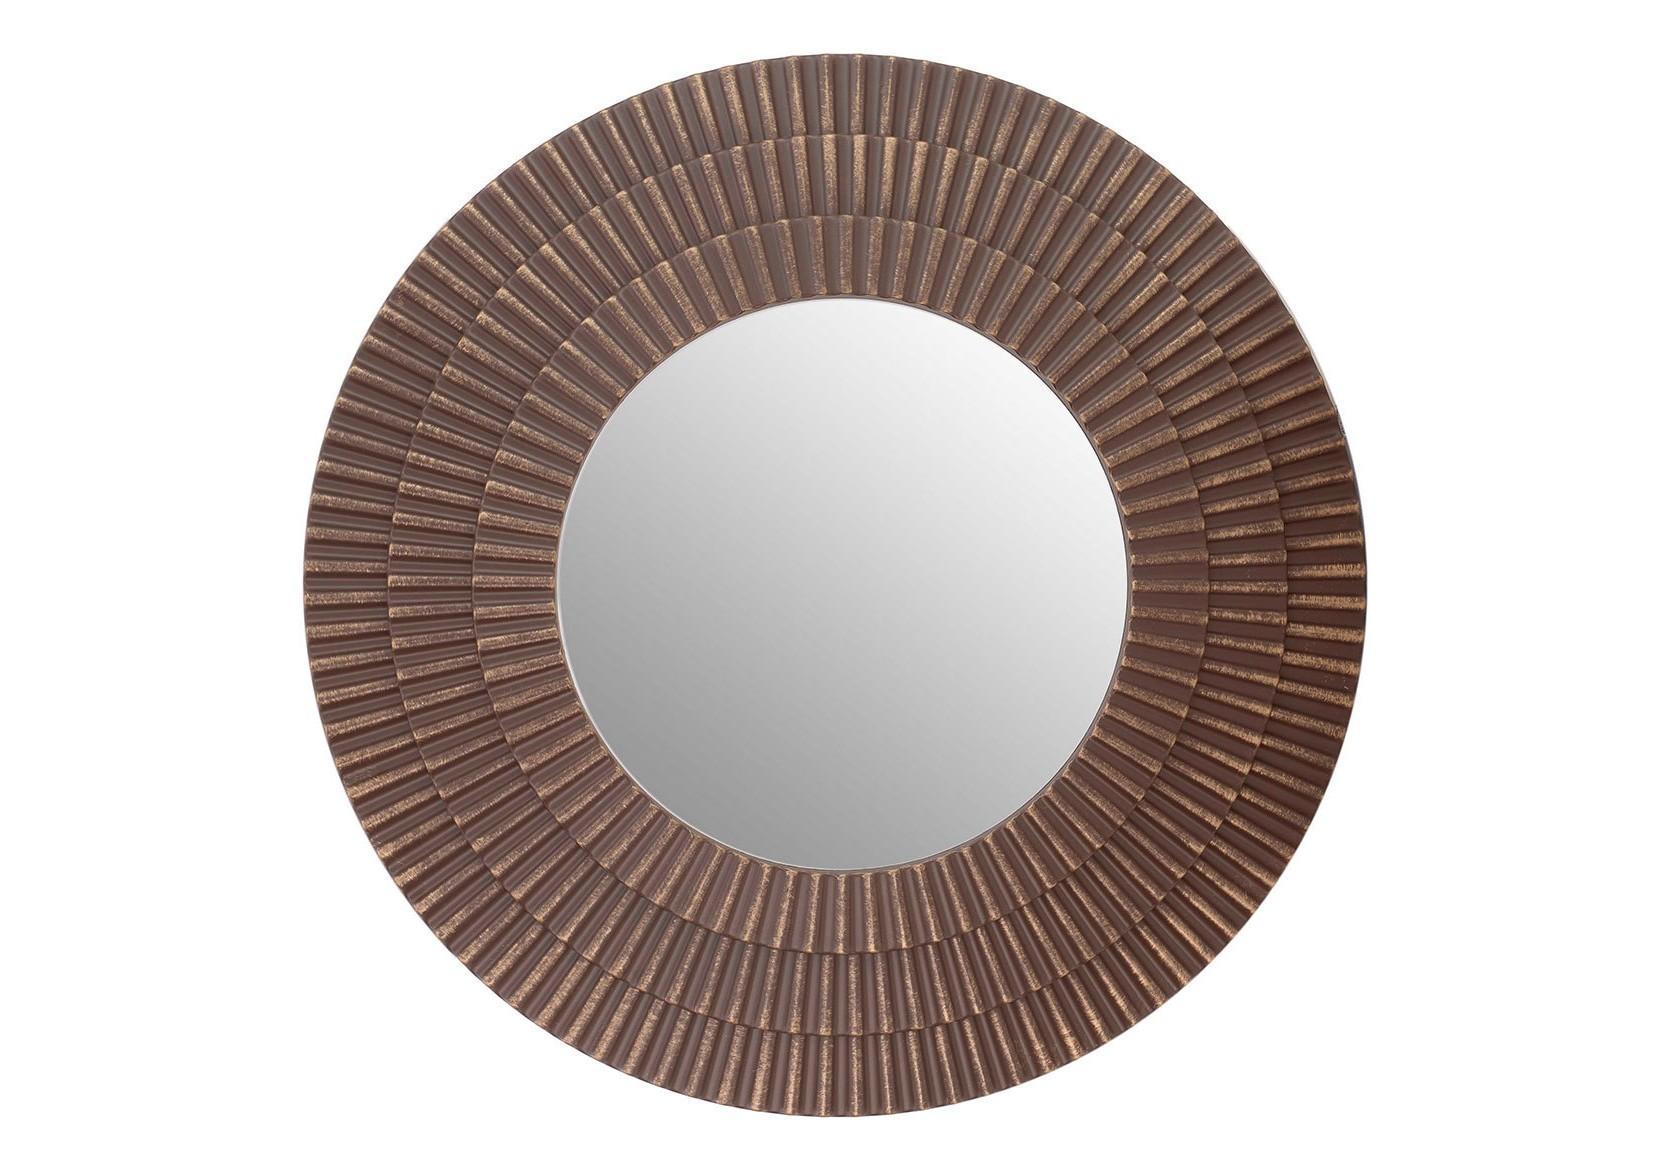 Зеркало настенное Punta de VacasНастенные зеркала<br><br><br>Material: Пластик<br>Глубина см: 6